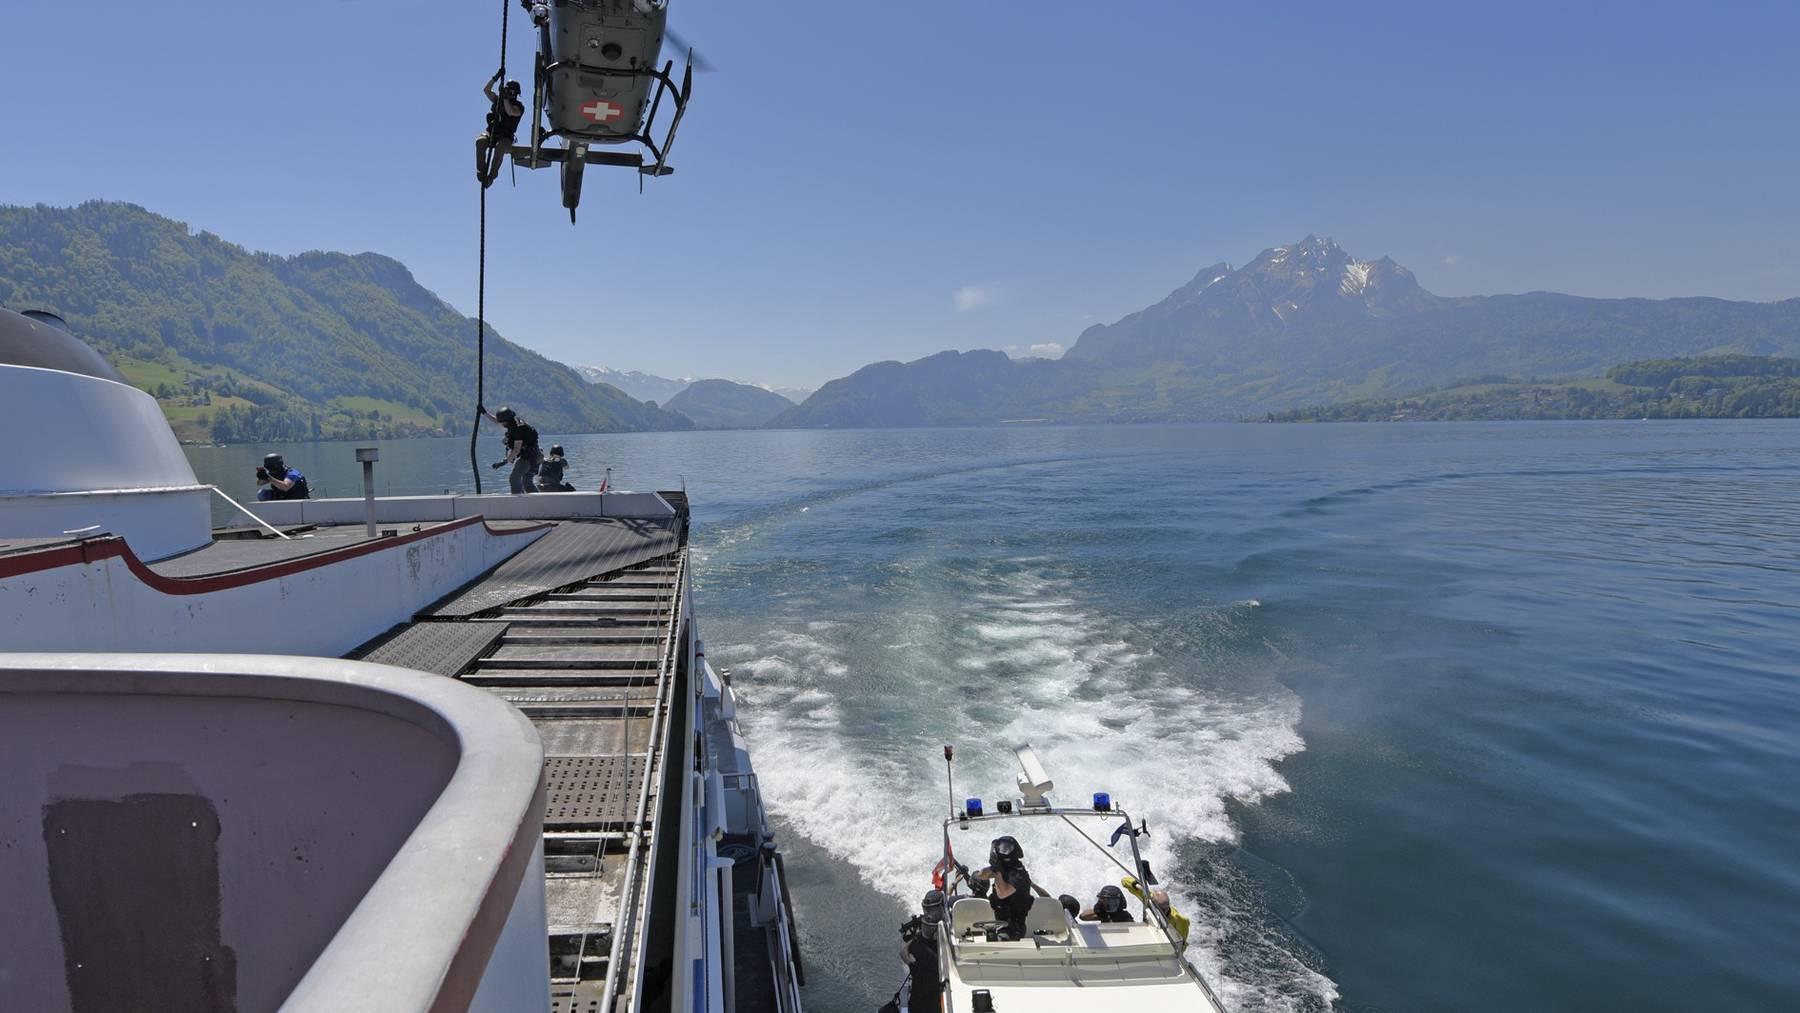 Polizisten vom Helikopter auf Schiff abgeseilt